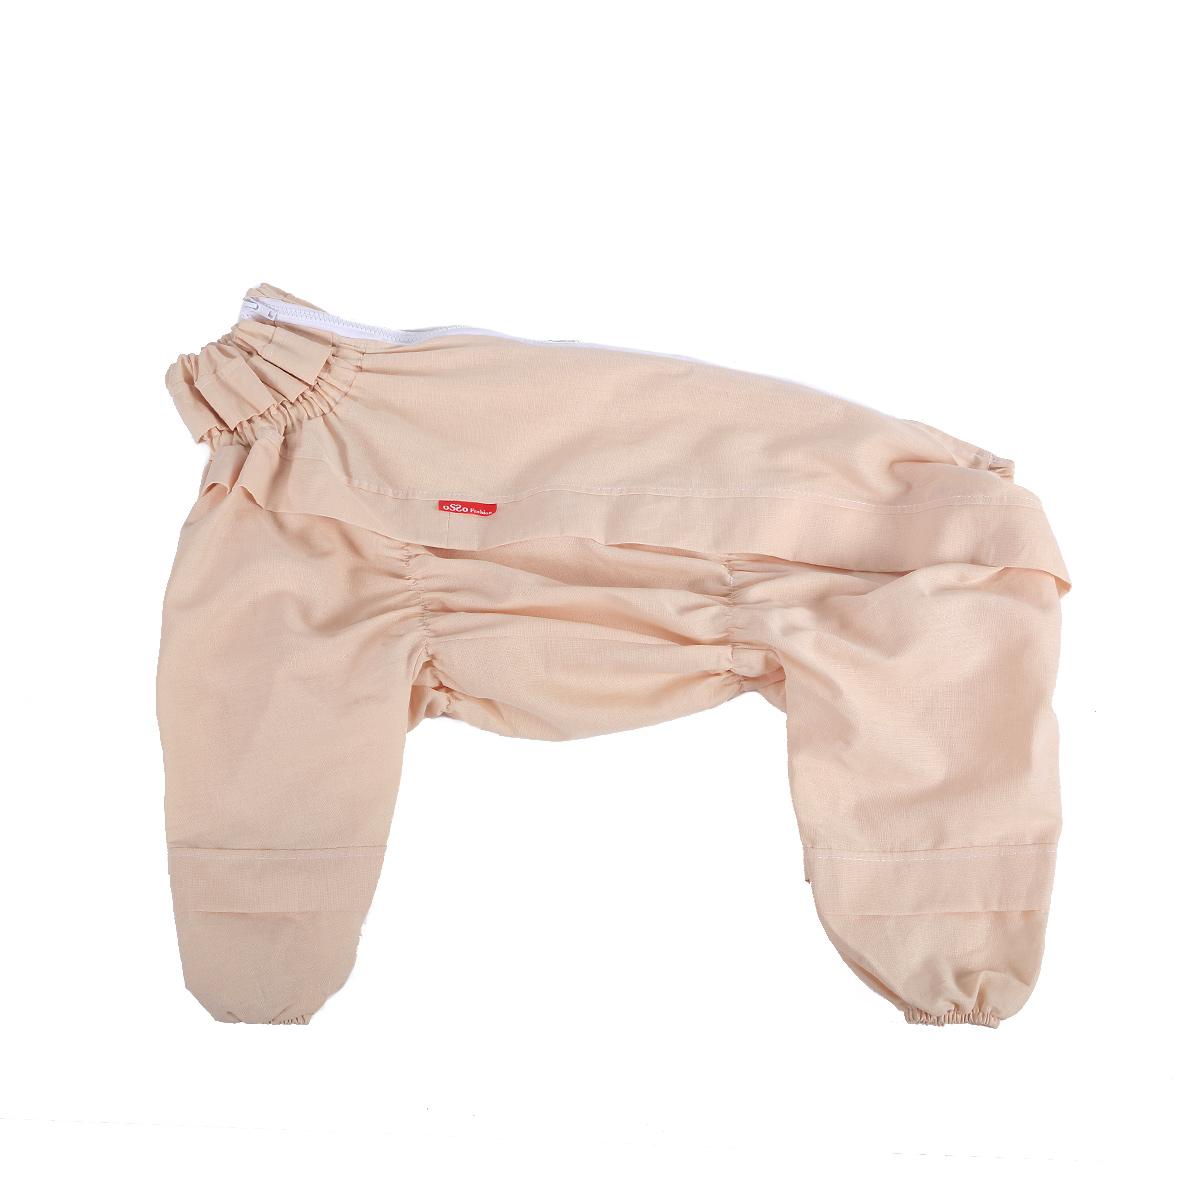 Комбинезон для собак OSSO Fashion, от клещей, для мальчика, цвет: бежевый. Размер 70Кк-1014Комбинезон для собак OSSO Fashion изготовлен из 100% хлопка, имеет светлую расцветку, на которой сразу будут заметны кровососущие насекомые. Комбинезон предназначен для защиты собак во время прогулок по парку и лесу. Разработан с учетом особенностей поведения клещей. На комбинезоне имеются складки-ловушки на груди, на штанинах, на боках комбинезона и на шее, которые преграждают движение насекомого вверх. Комбинезон очень легкий и удобный. Низ штанин на резинке, на спине застегивается на молнию. Длина спинки: 70 см. Объем груди: 74-104 см.